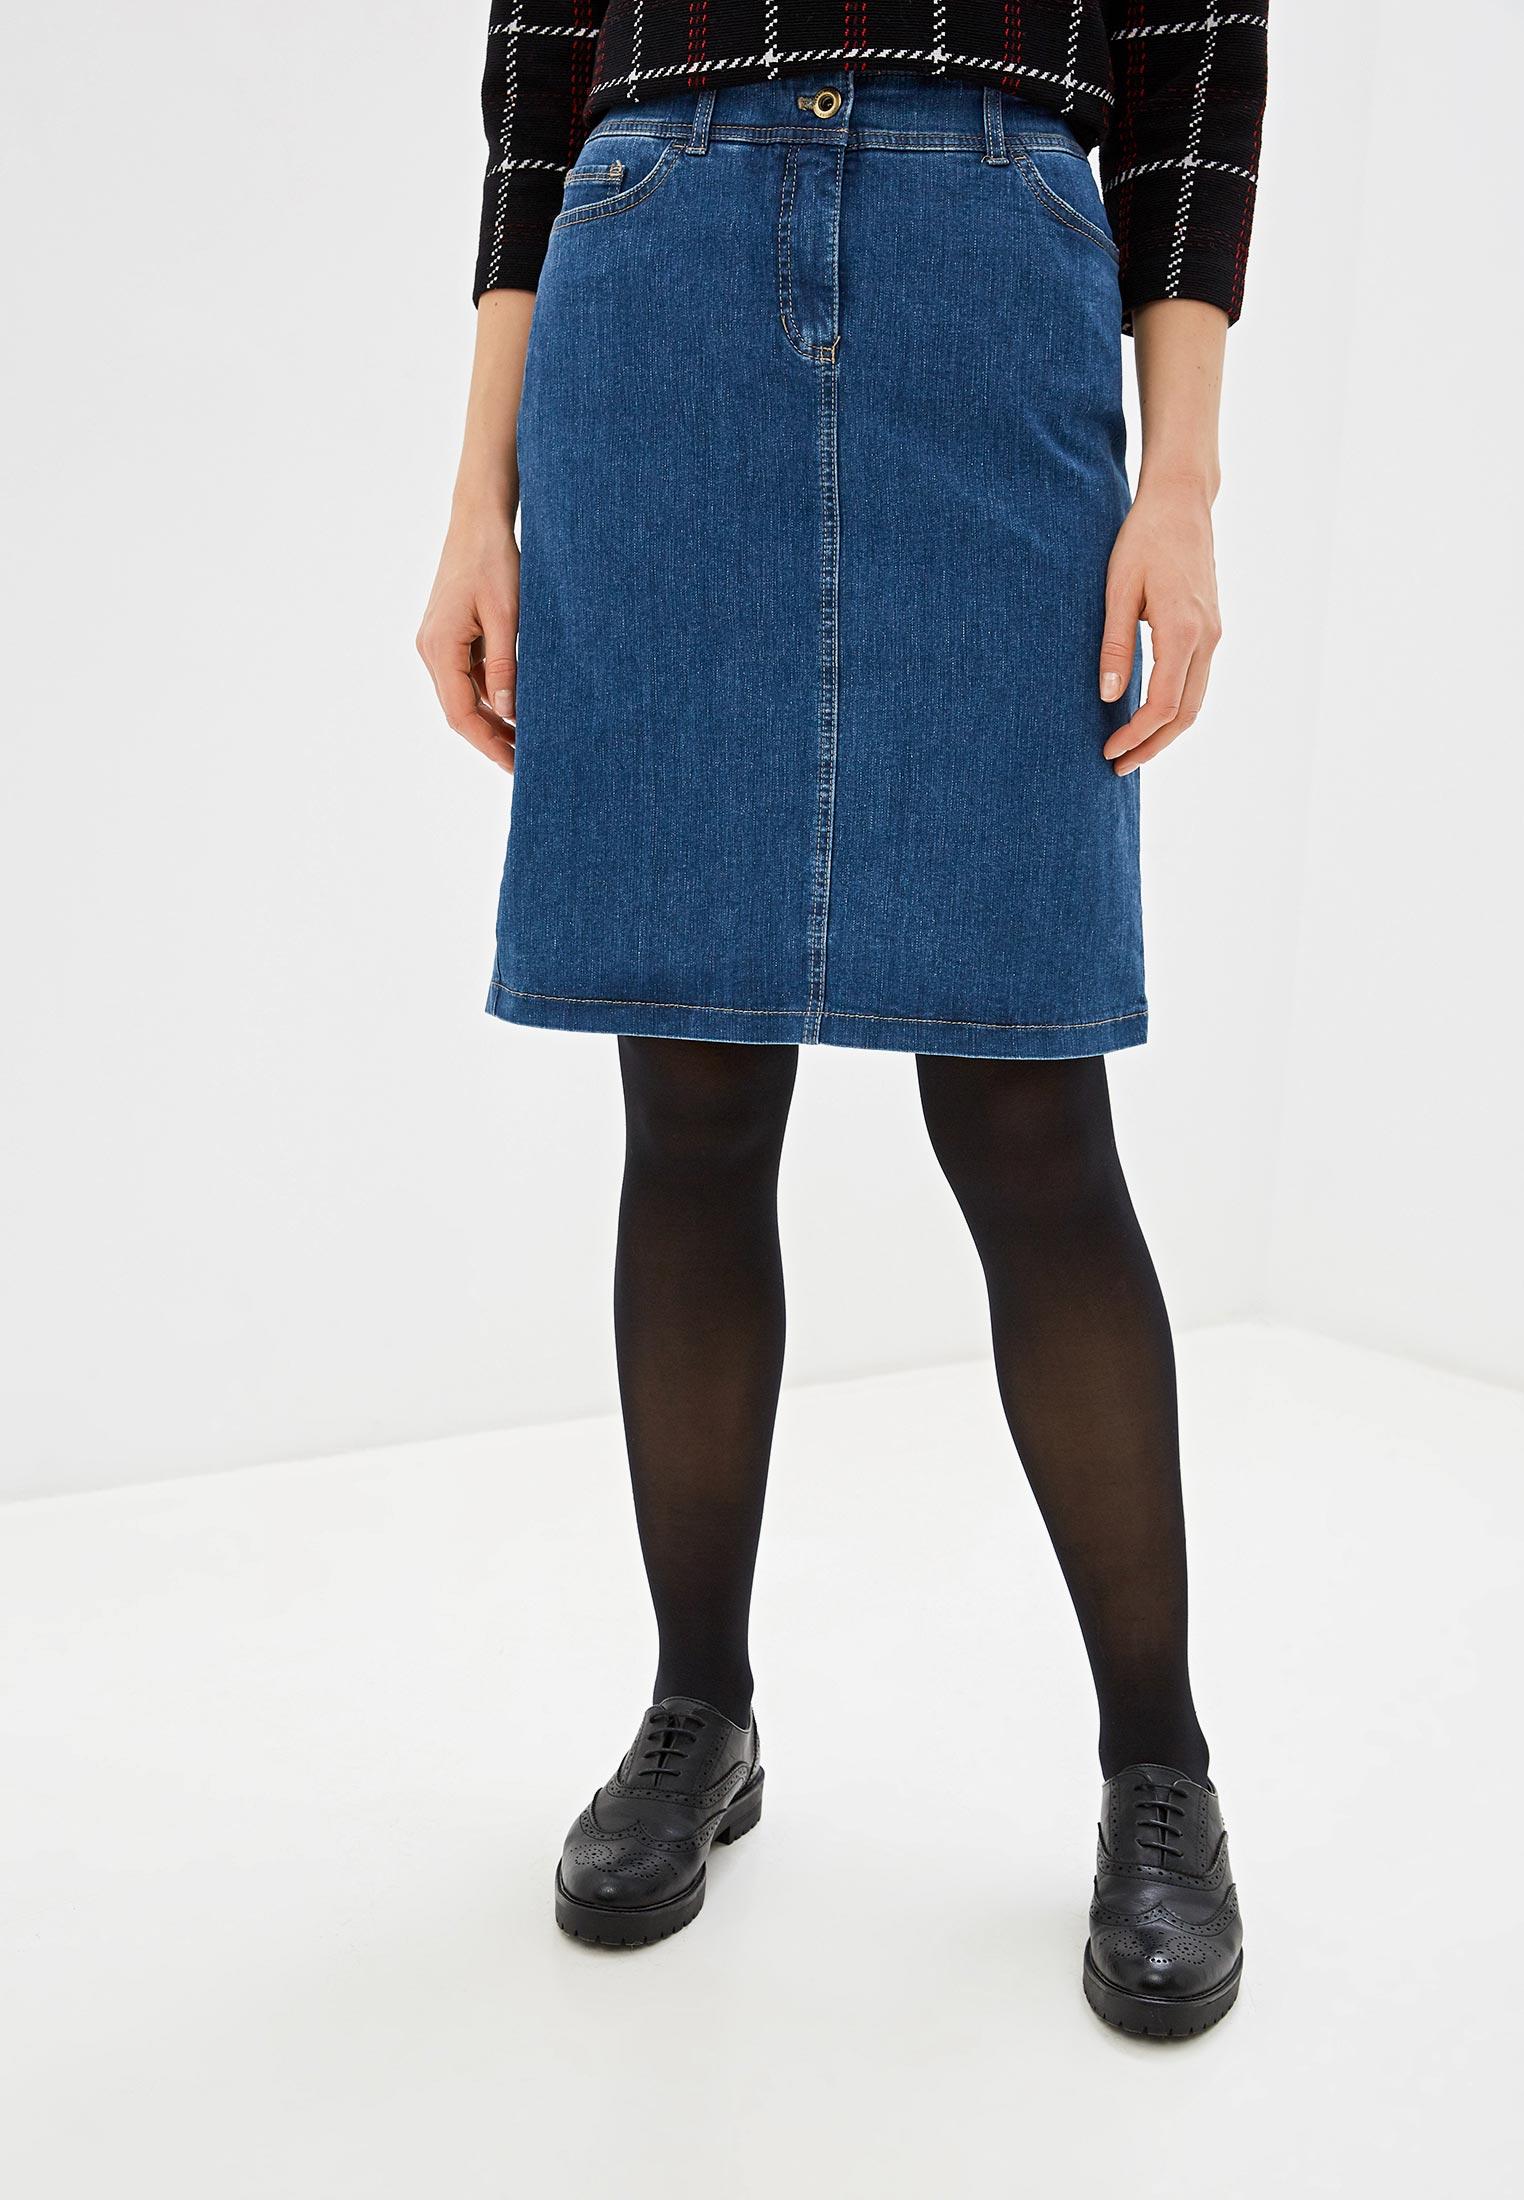 Джинсовая юбка Gerry Weber (Гарри Вебер) 91079-67930